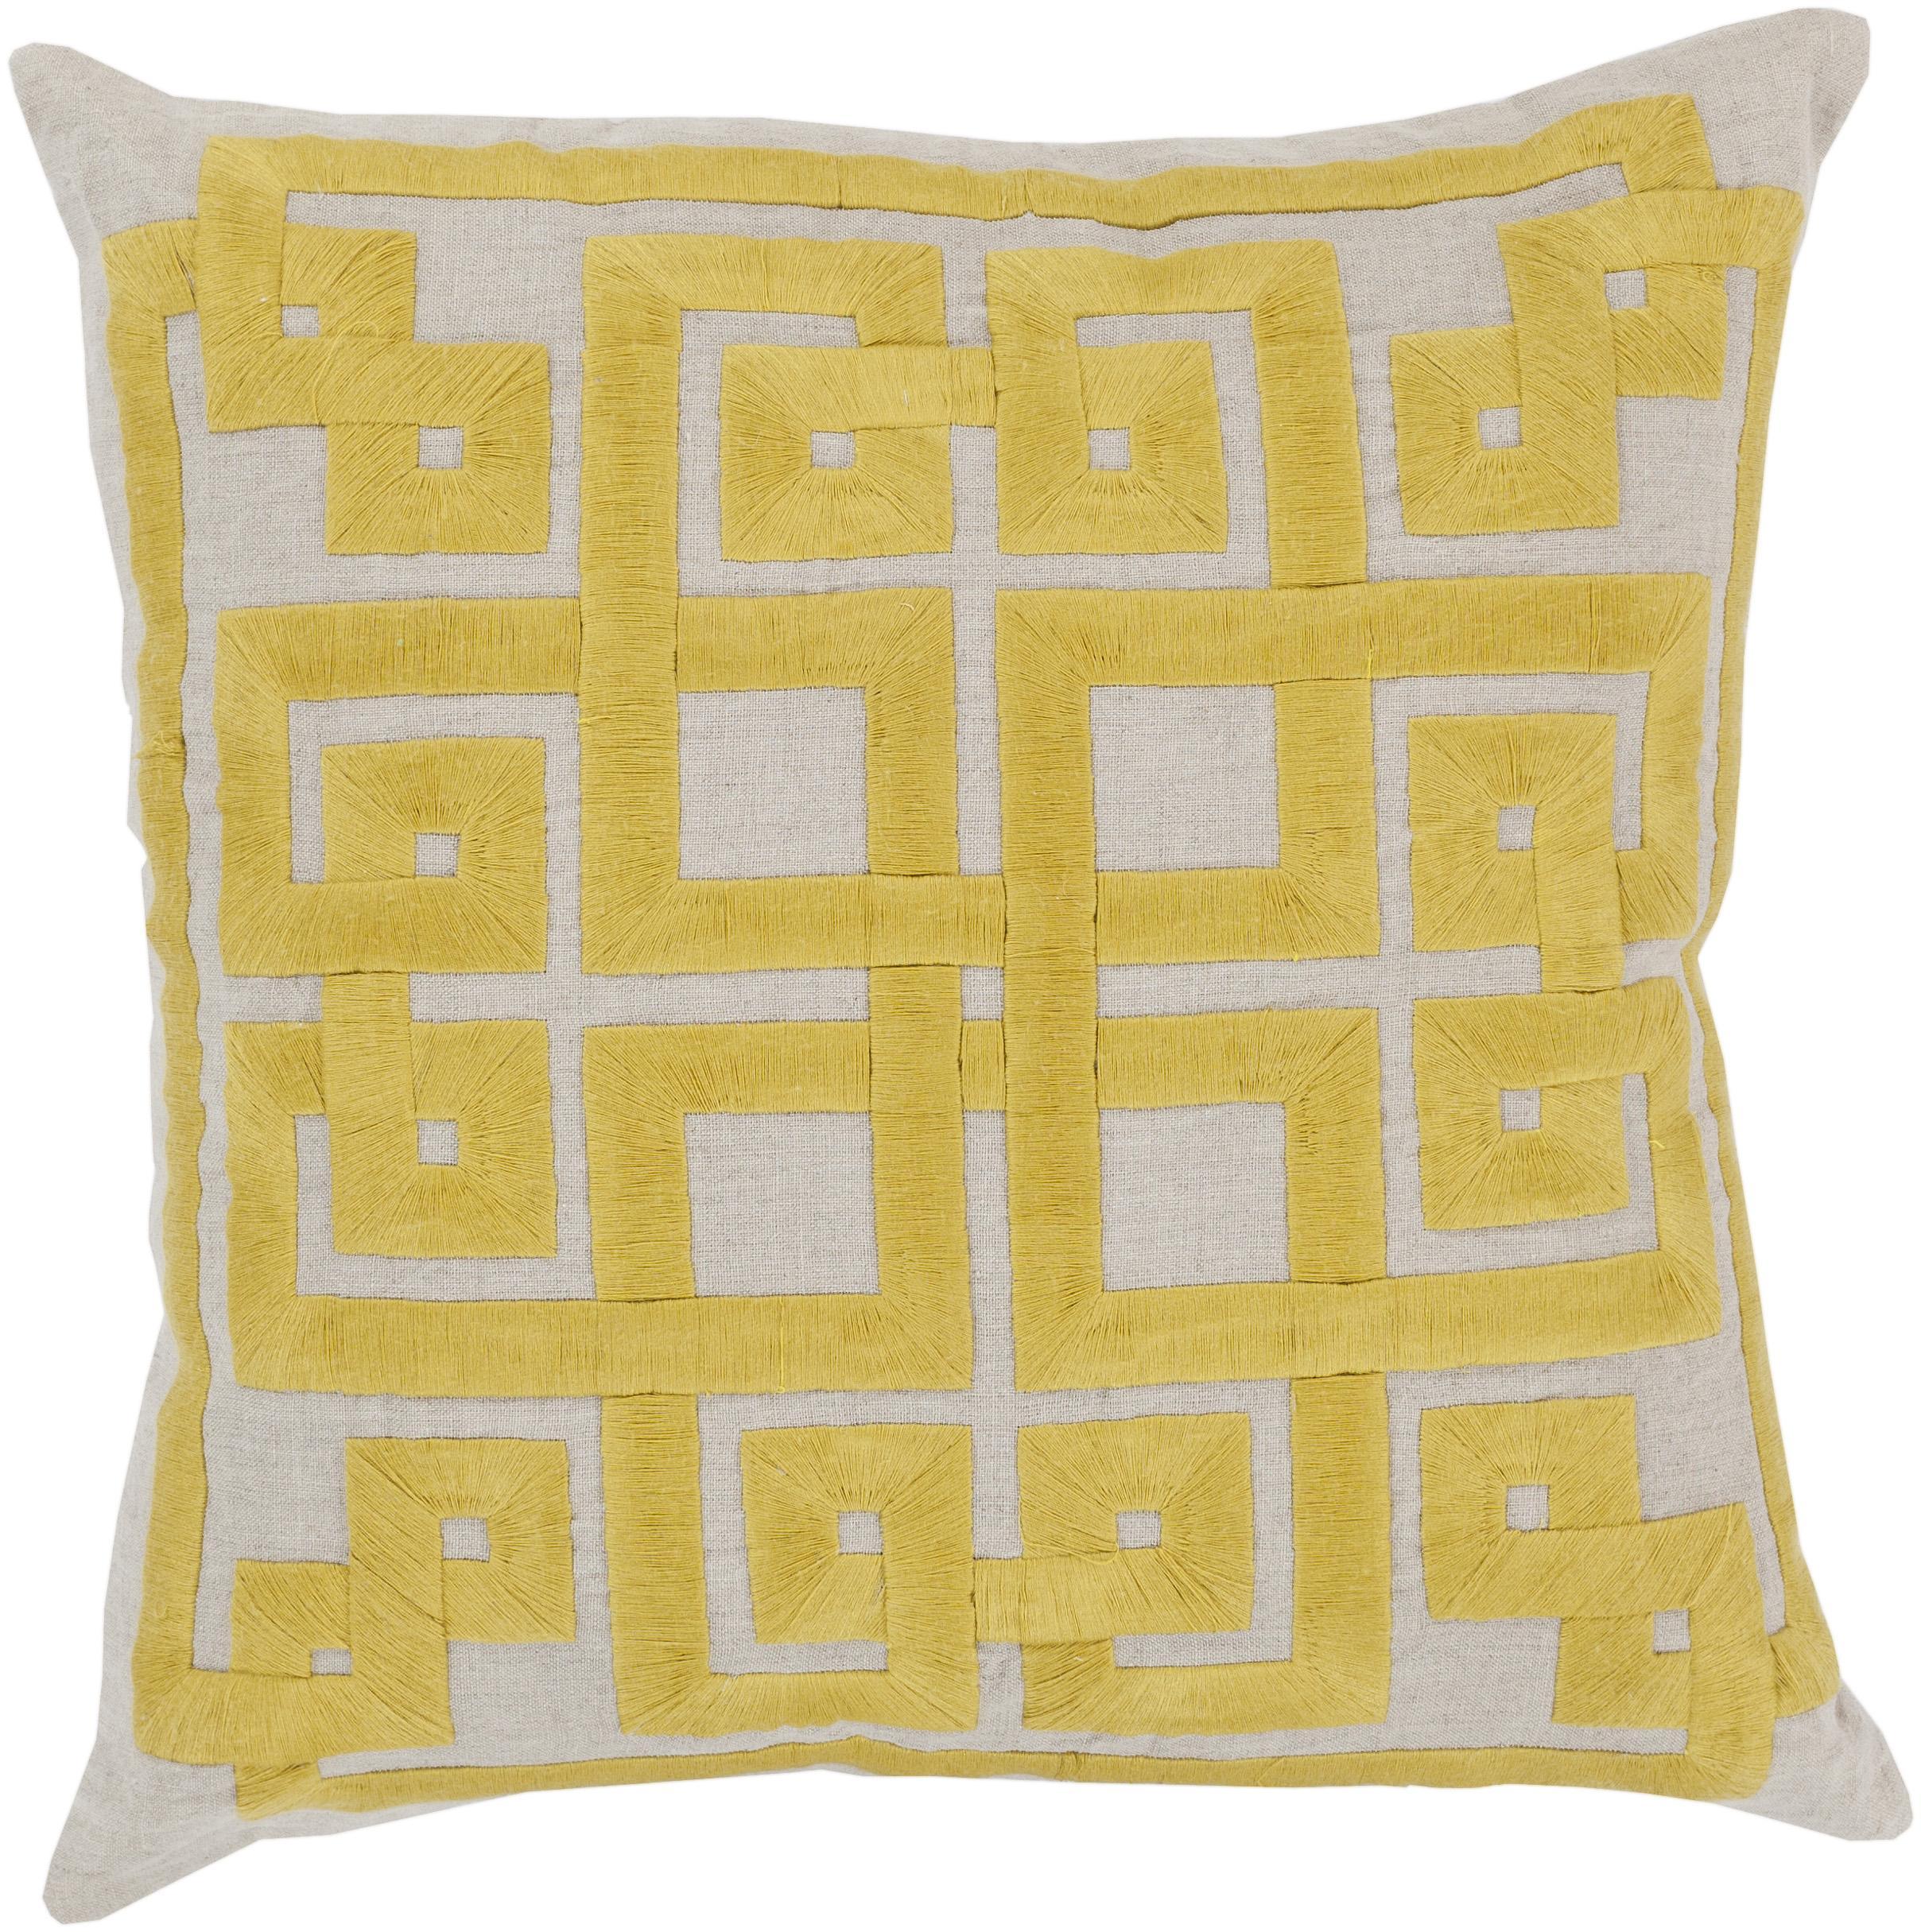 """Surya Pillows 20"""" x 20"""" Pillow - Item Number: LD005-2020P"""